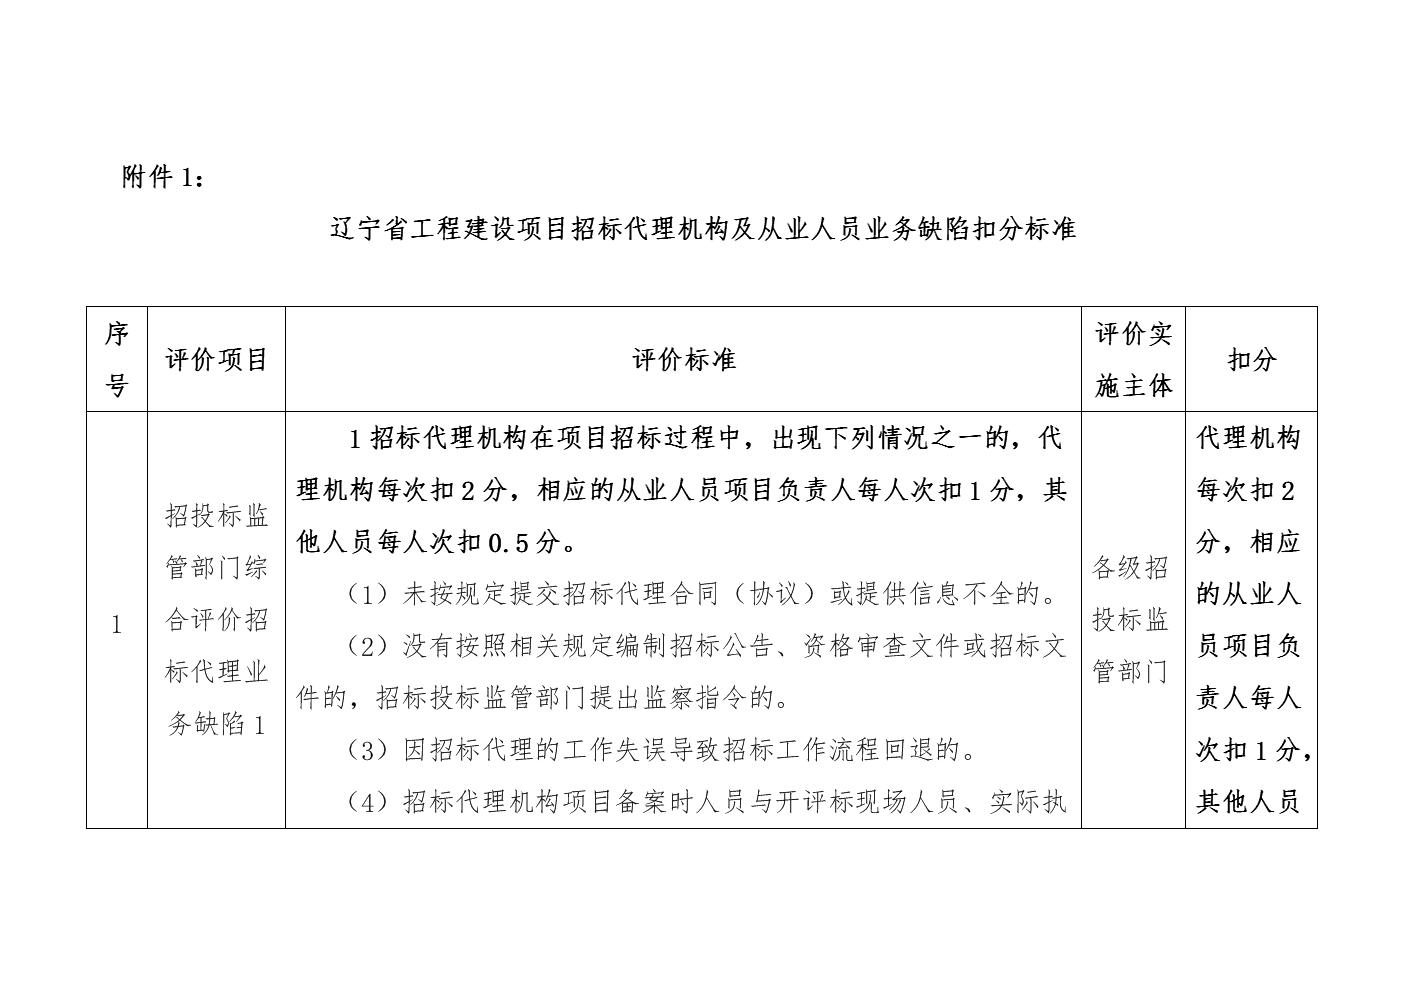 辽宁省工程建设项目招标代理机构及从业人员业务缺陷扣分标准.docx